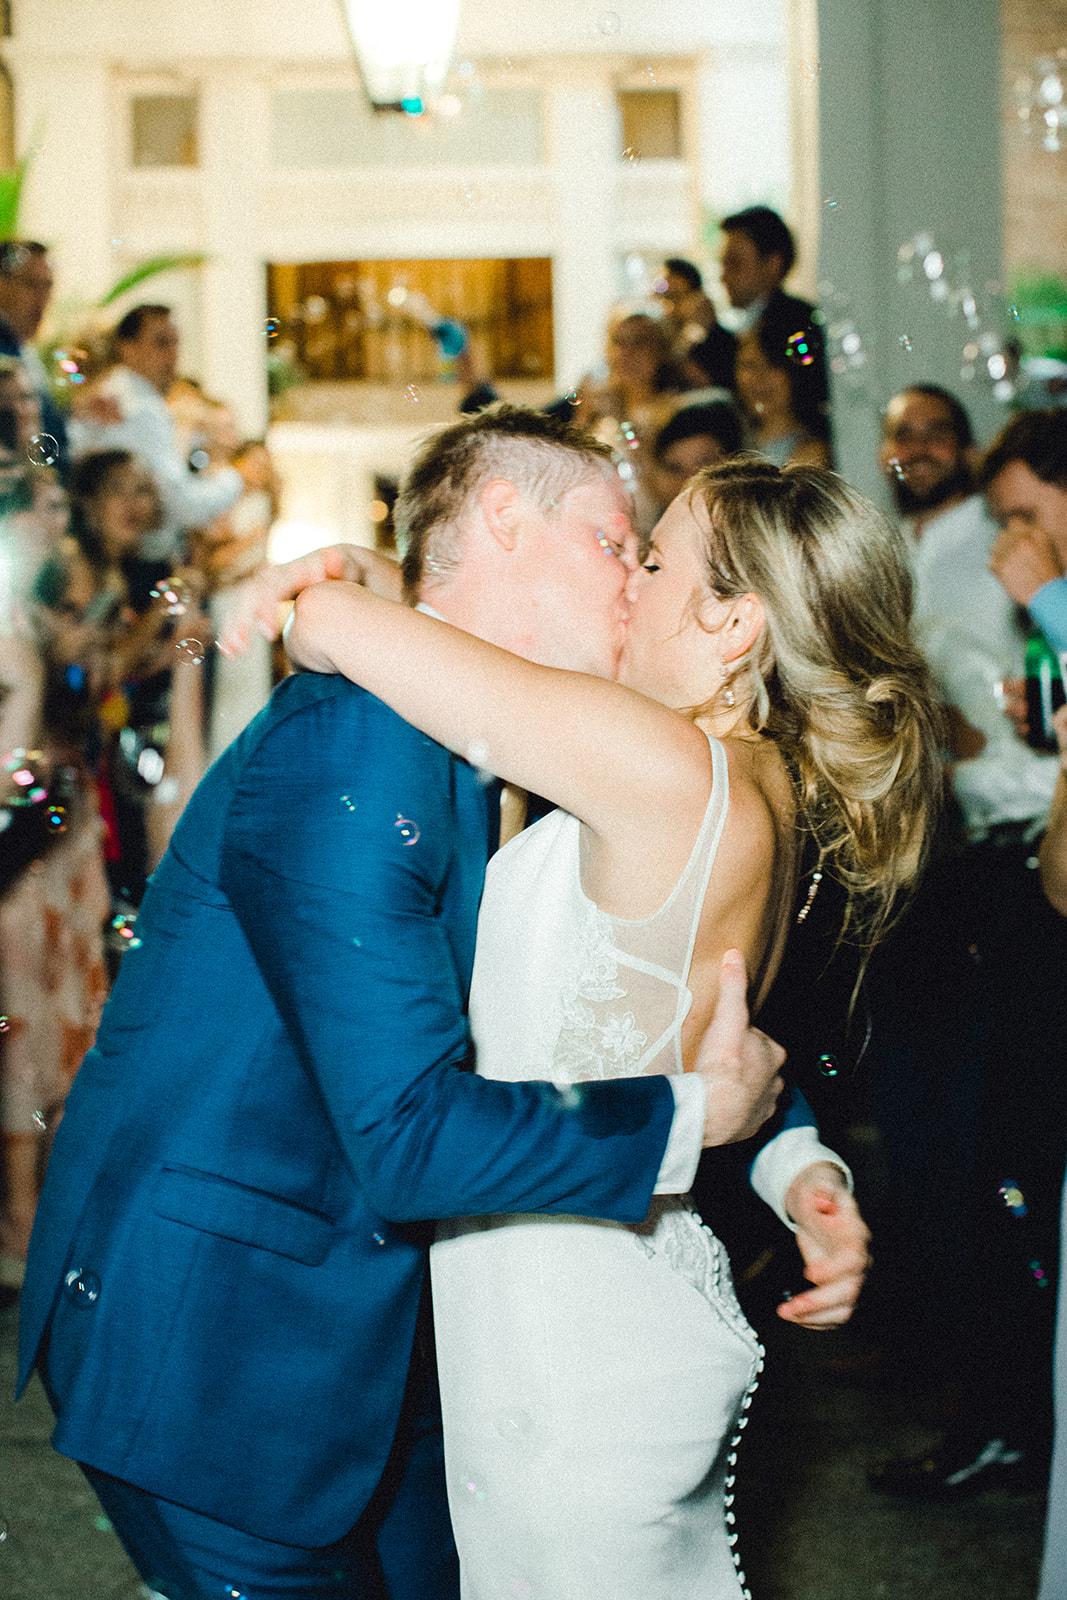 Bubbles wedding reception exit | Nashville Bride Guide